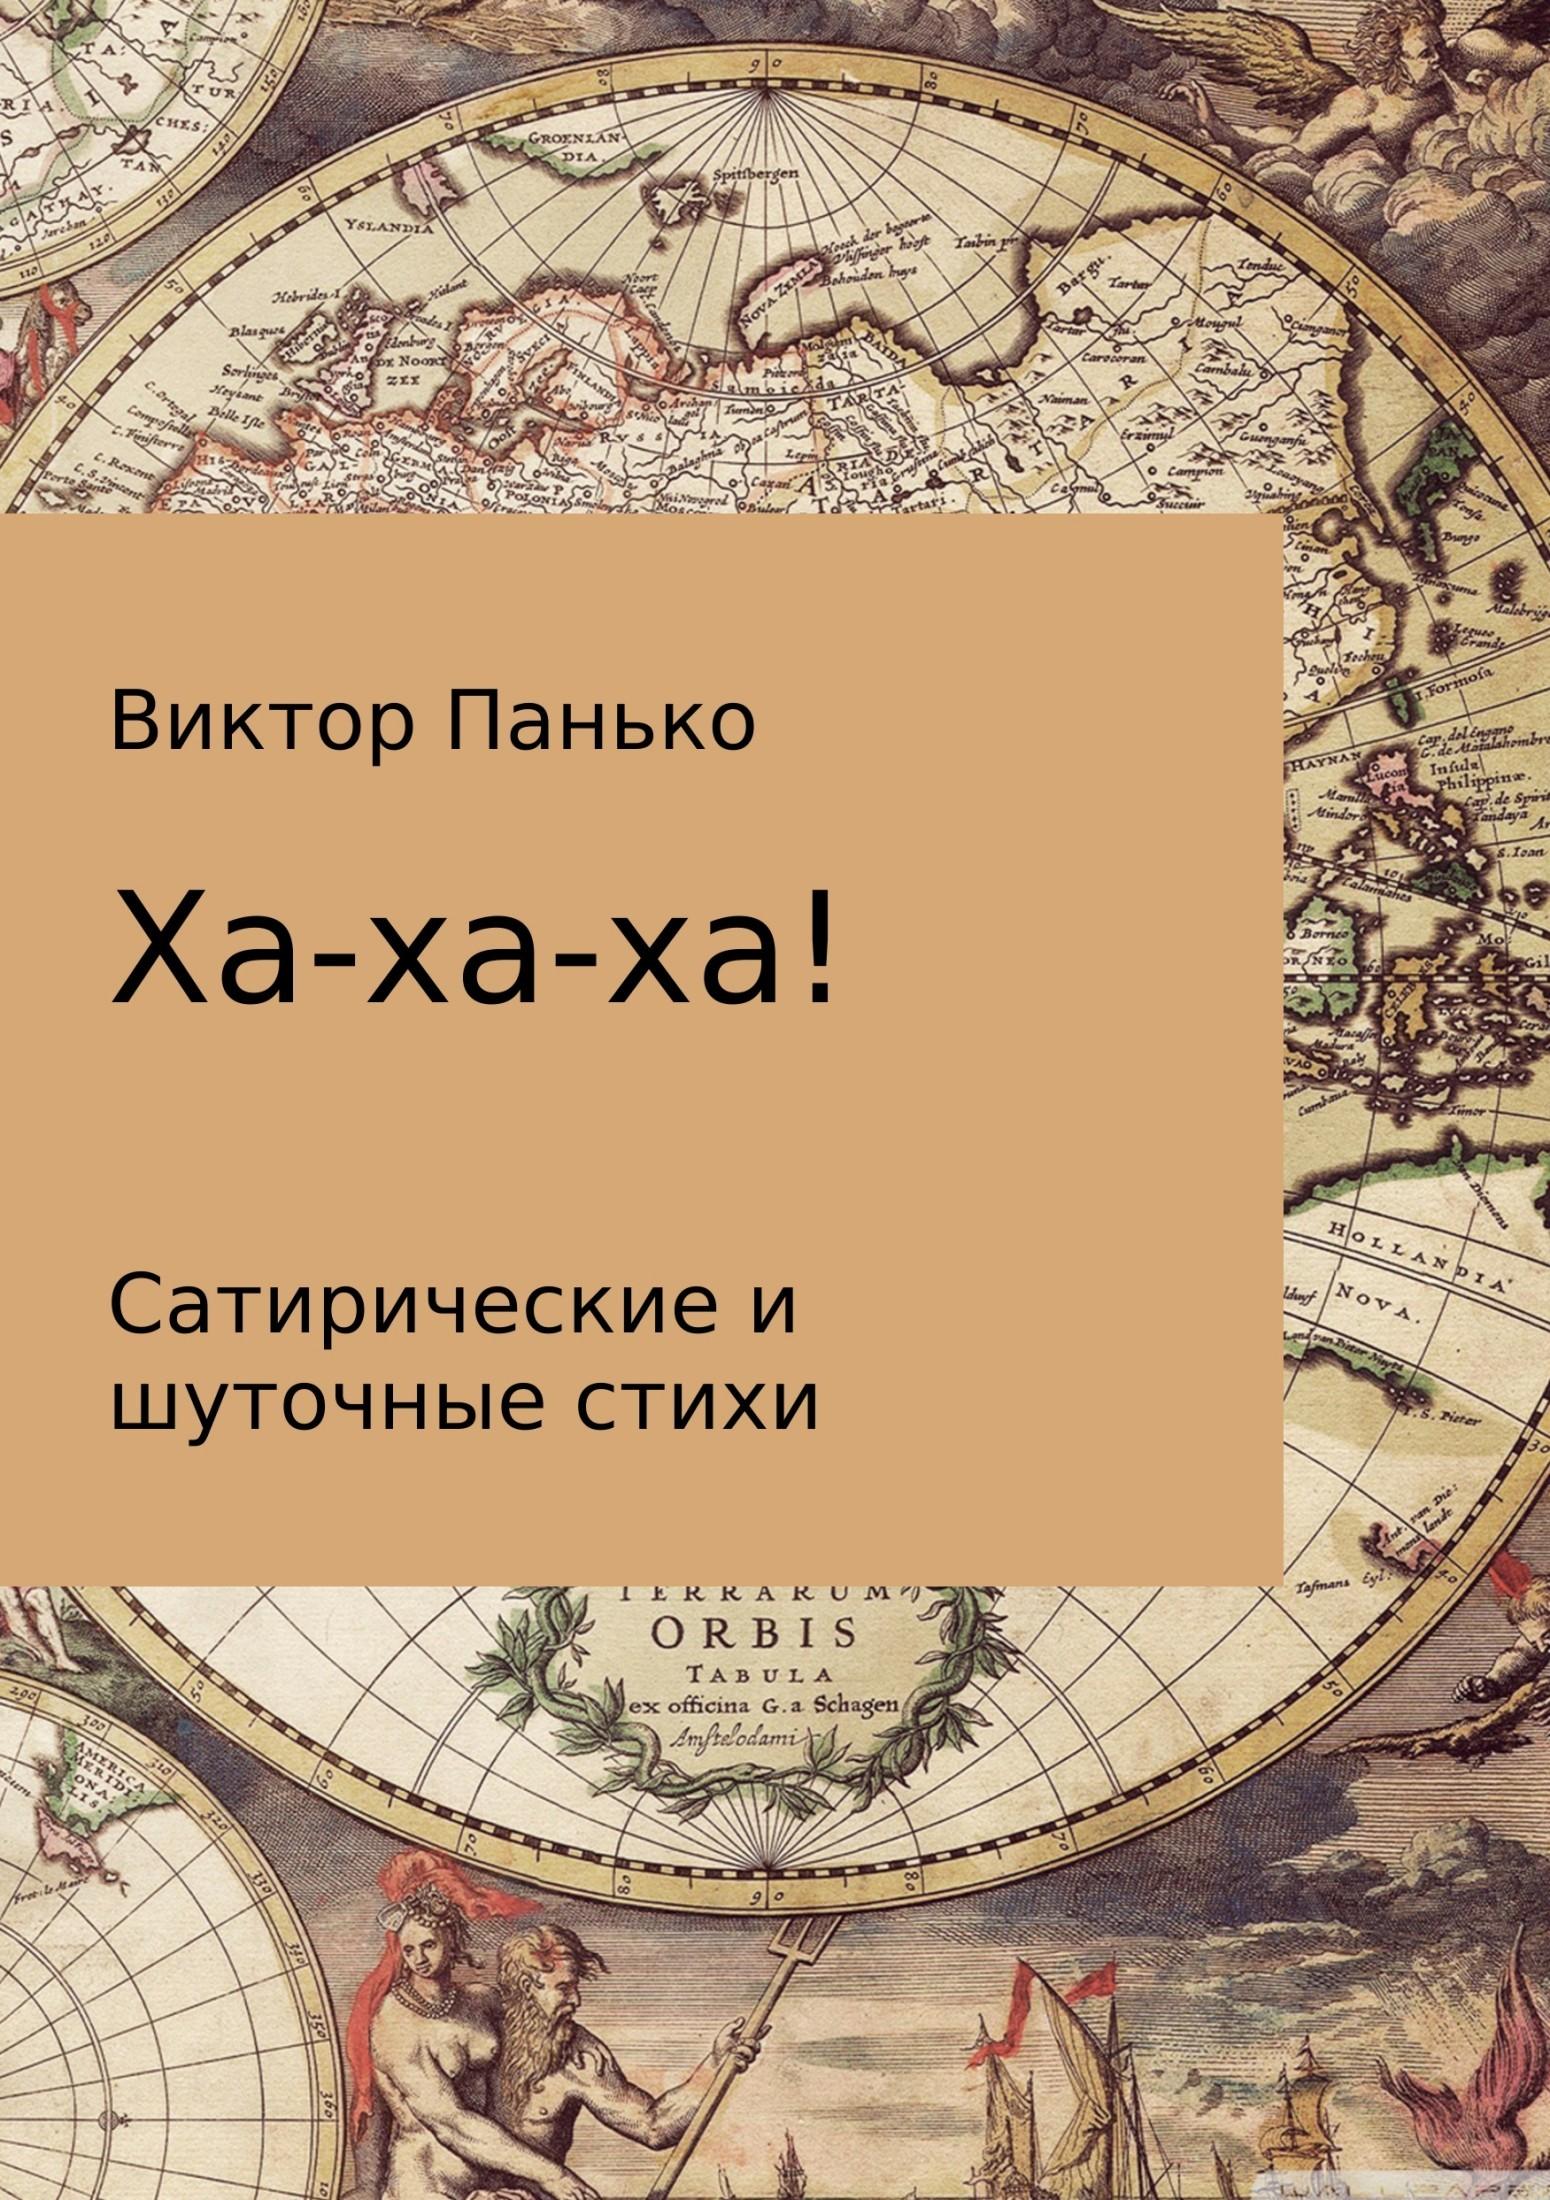 Виктор Дмитриевич Панько Ха-ха-ха! Сатирические и шуточные стихи цены